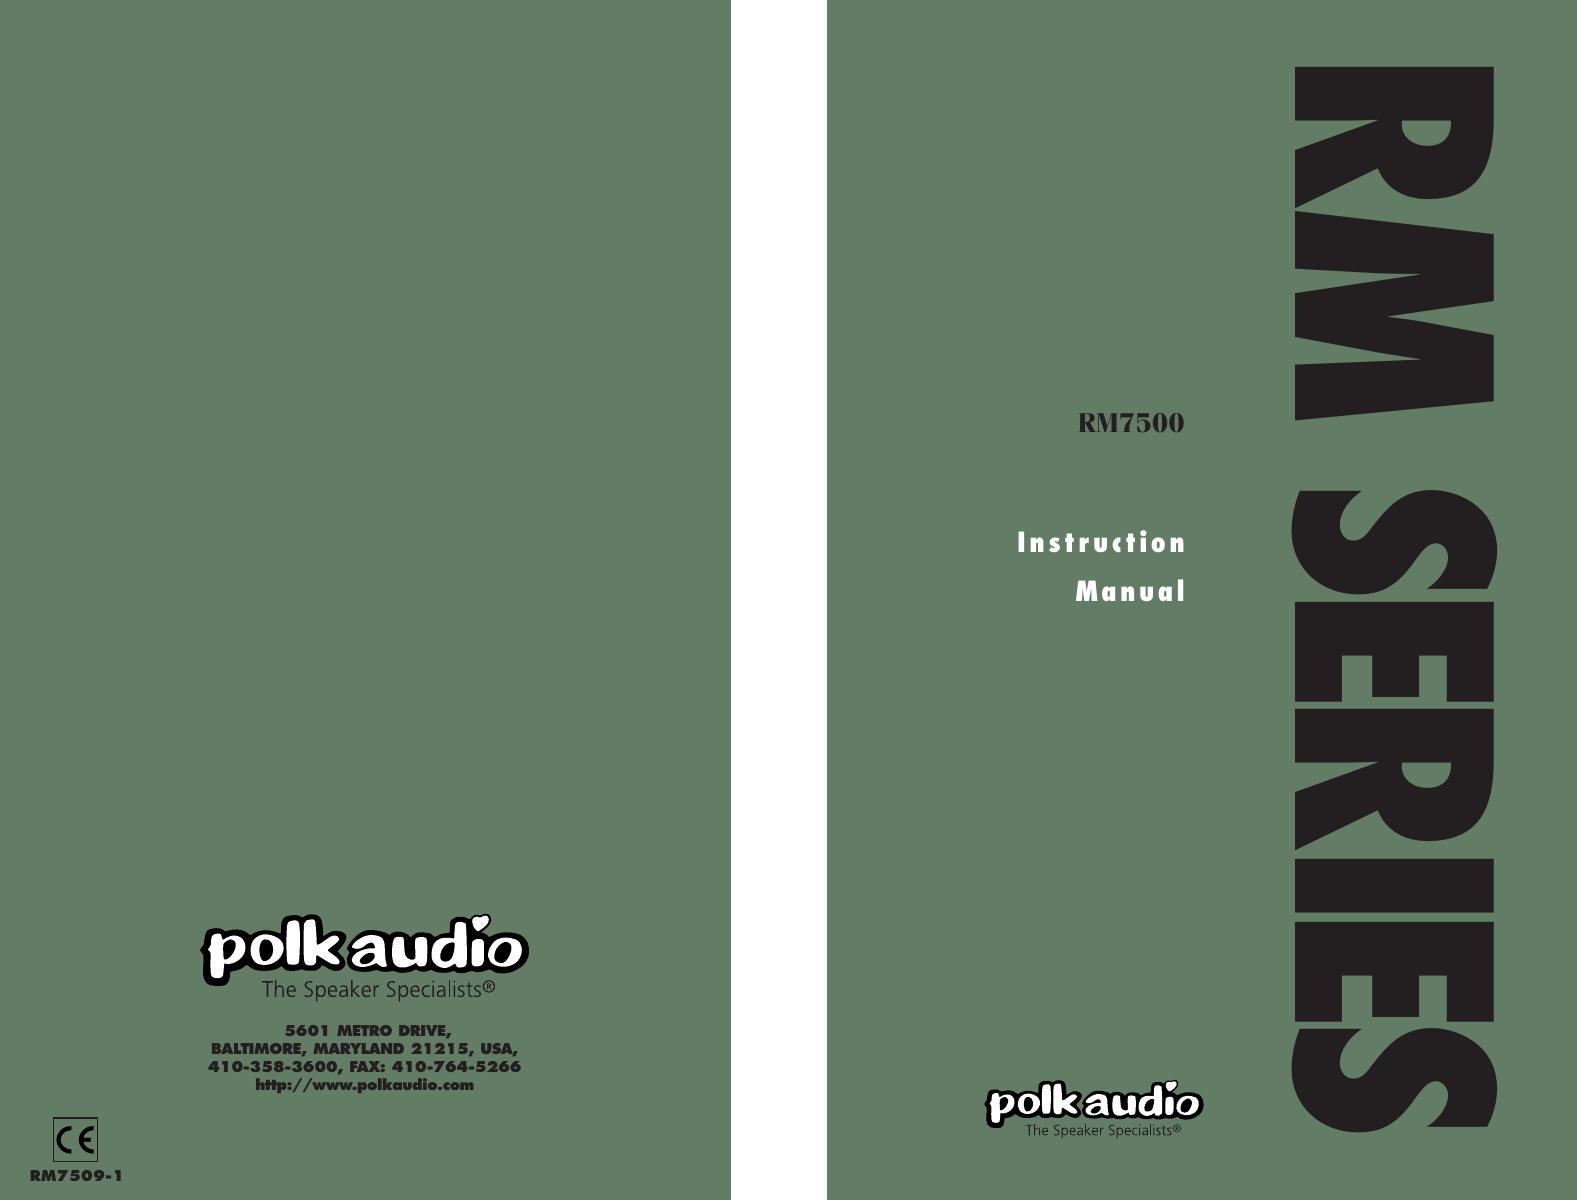 polk audio rm7500 users manual rh usermanual wiki